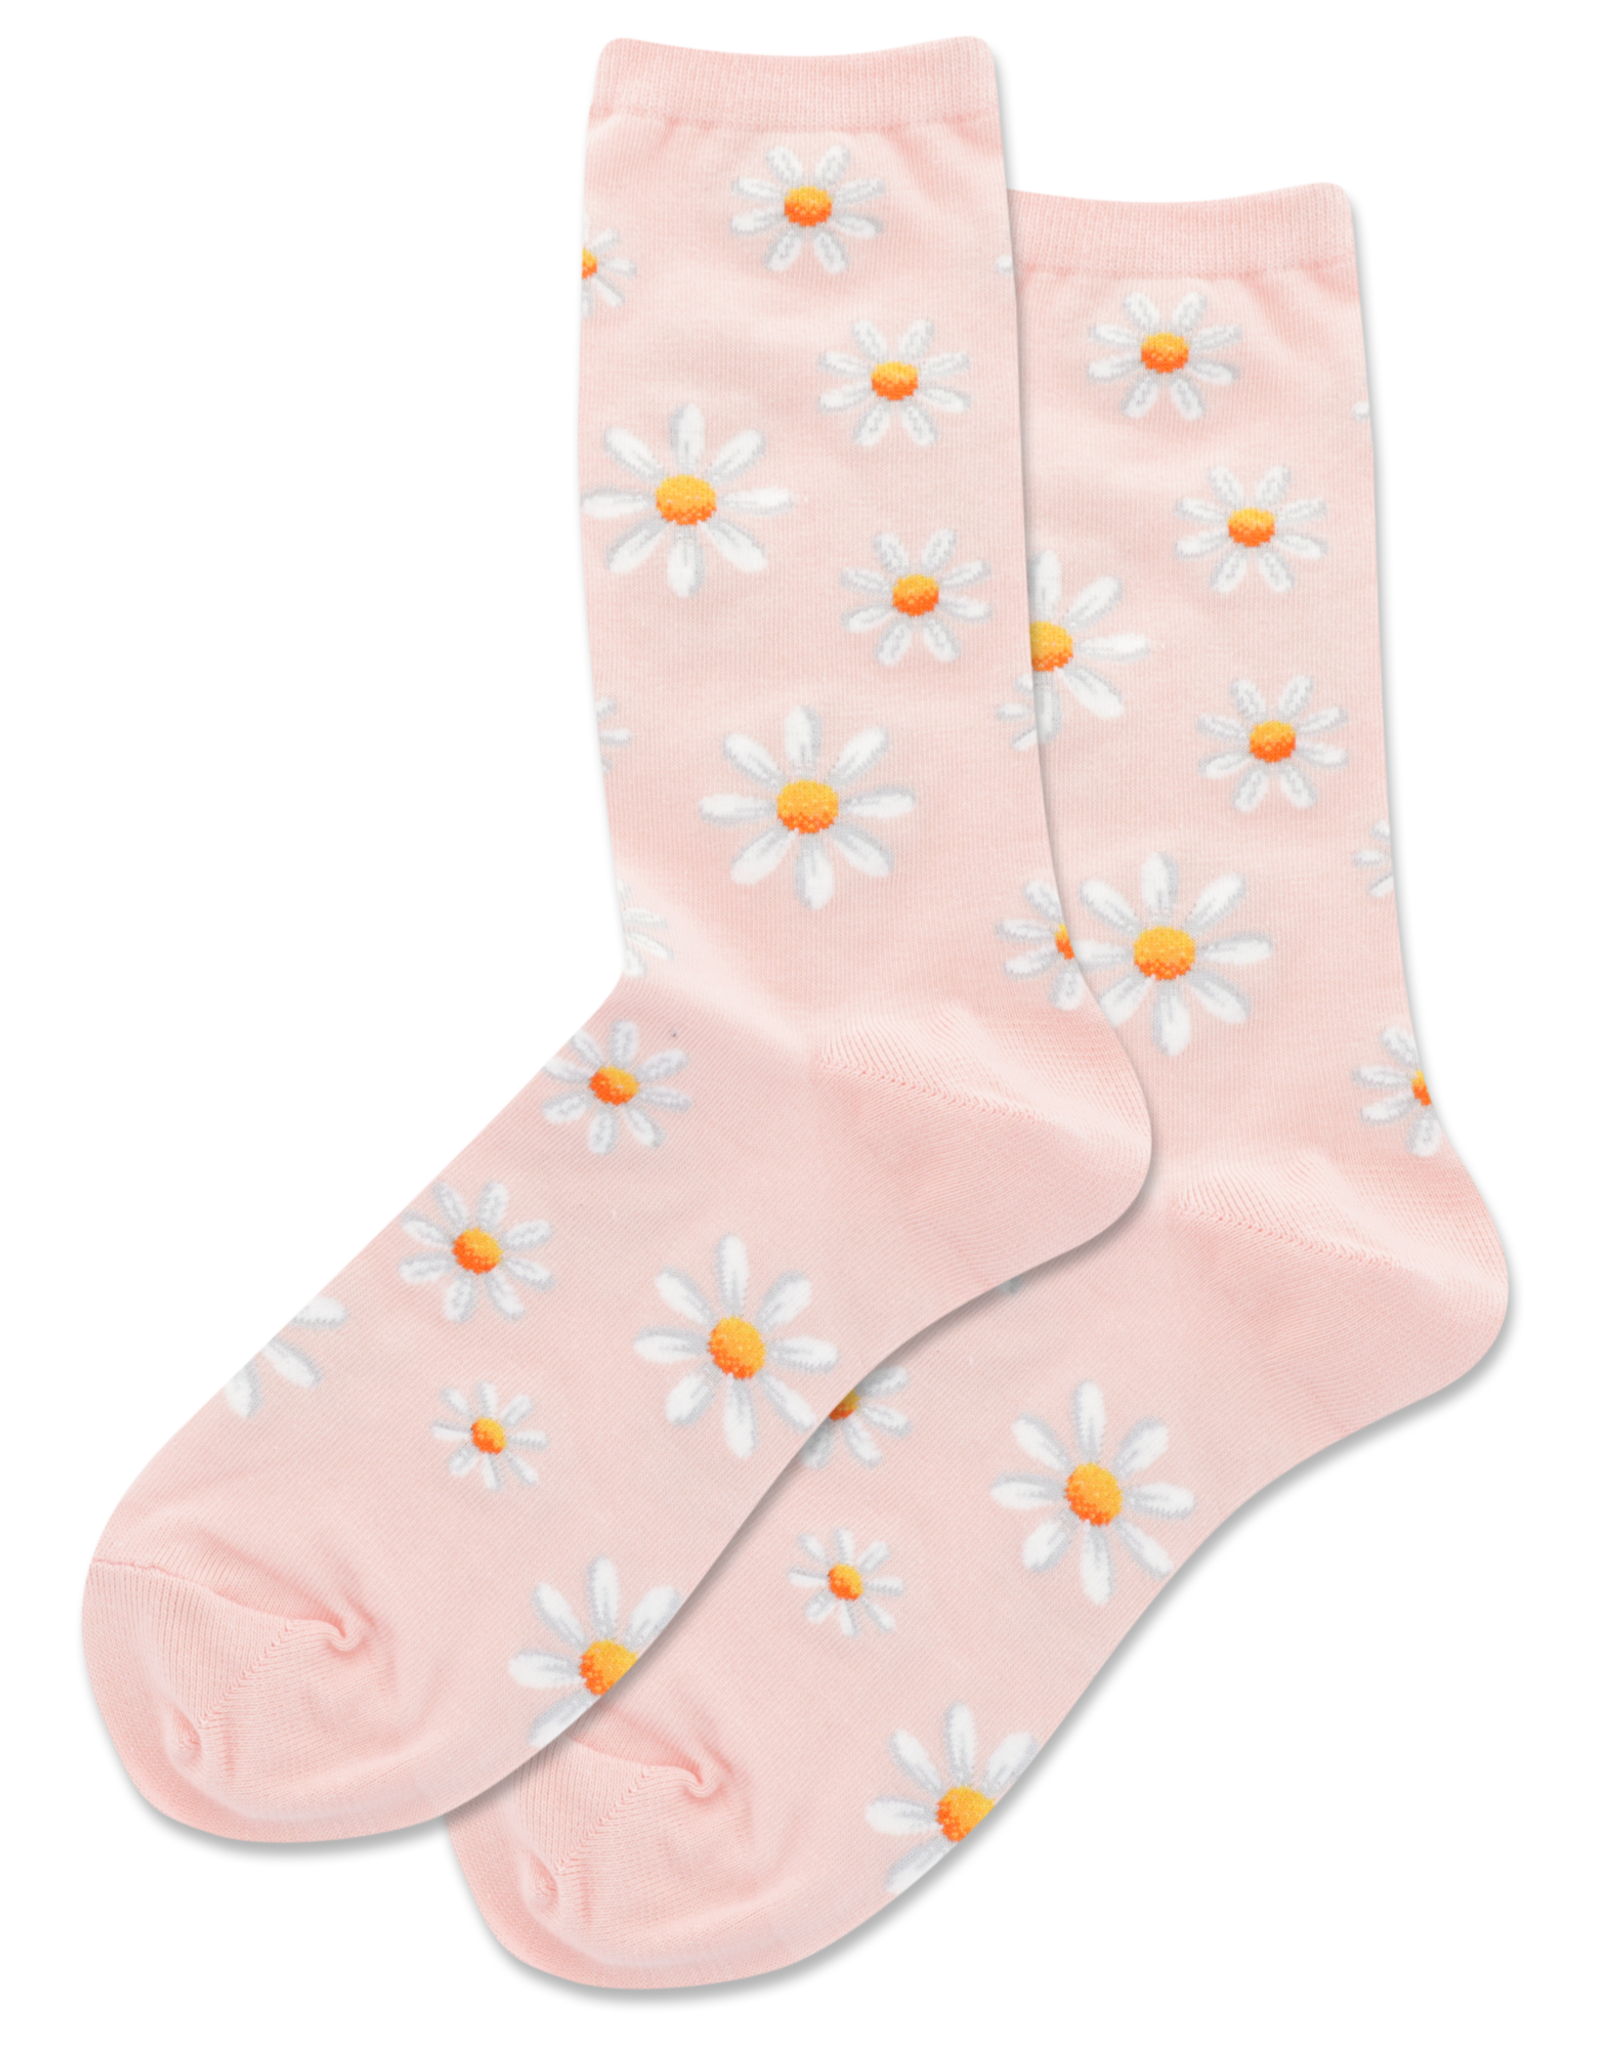 - Daisy Socks